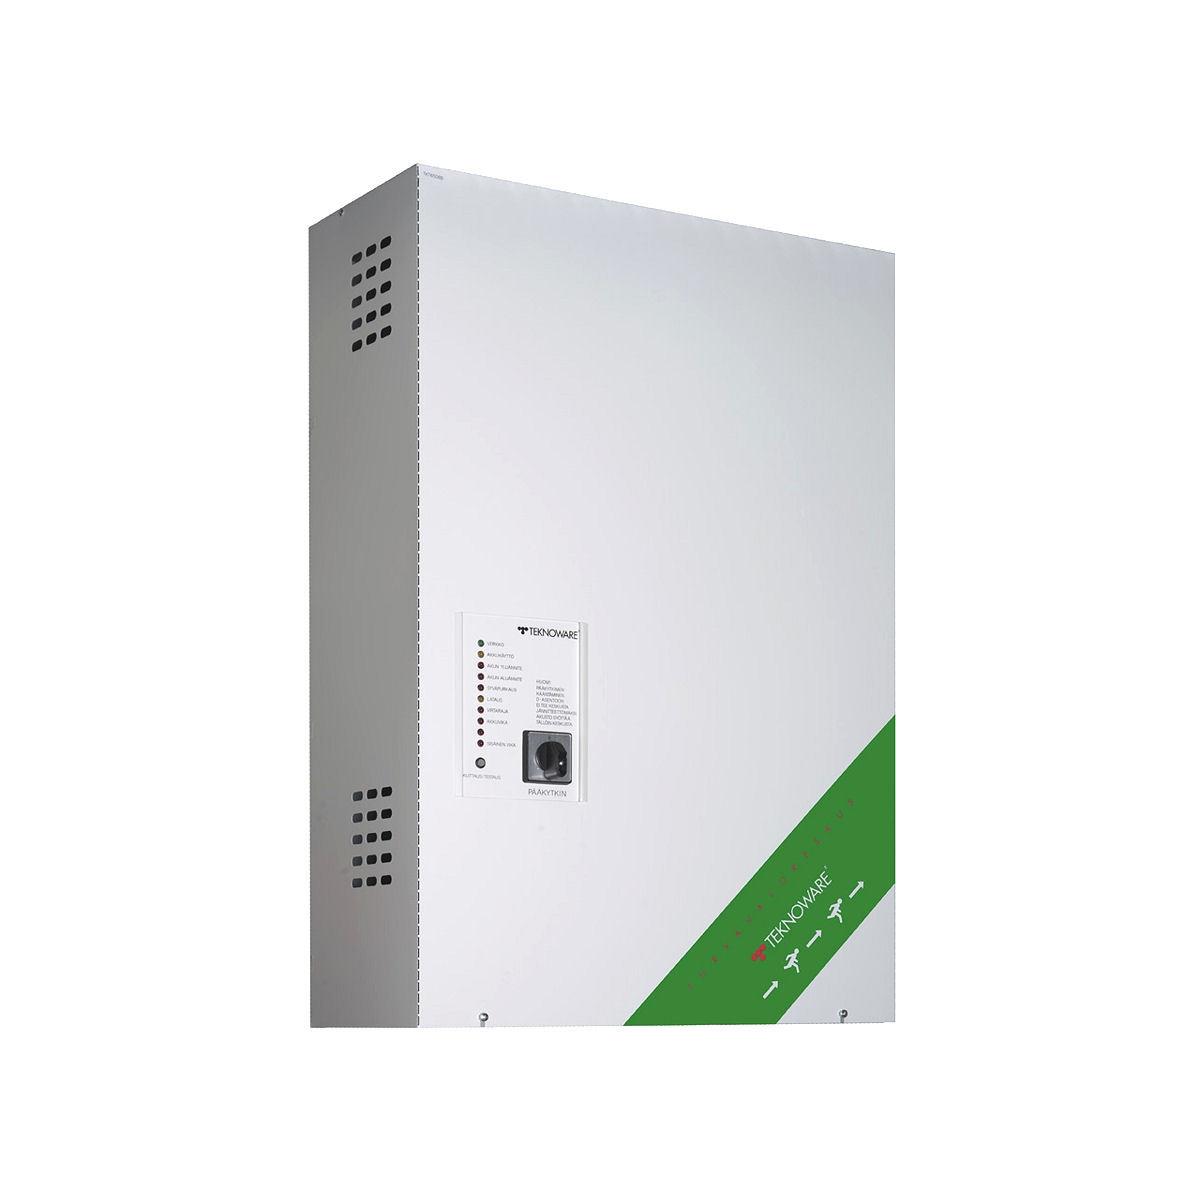 Блок централизованной системы аварийного освещения 220В TKT65B Teknoware